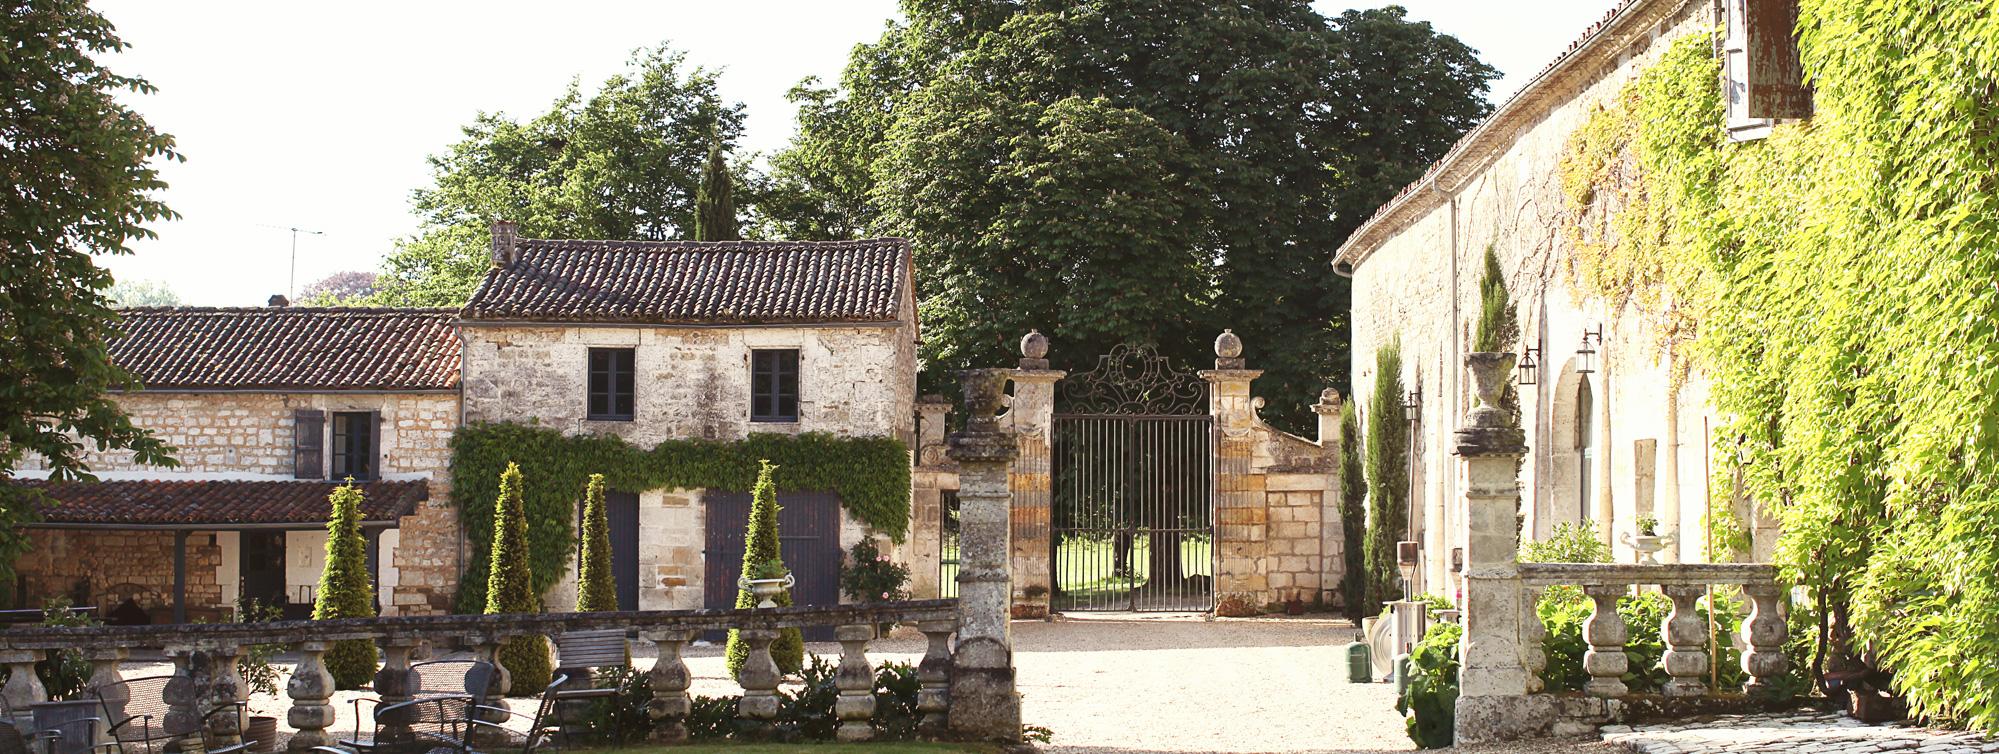 Château de Maumont - Chambres d'hôtes de charme à Magnac sur Touvre, Charente ©Eva Strauss - Chateau de Maumont